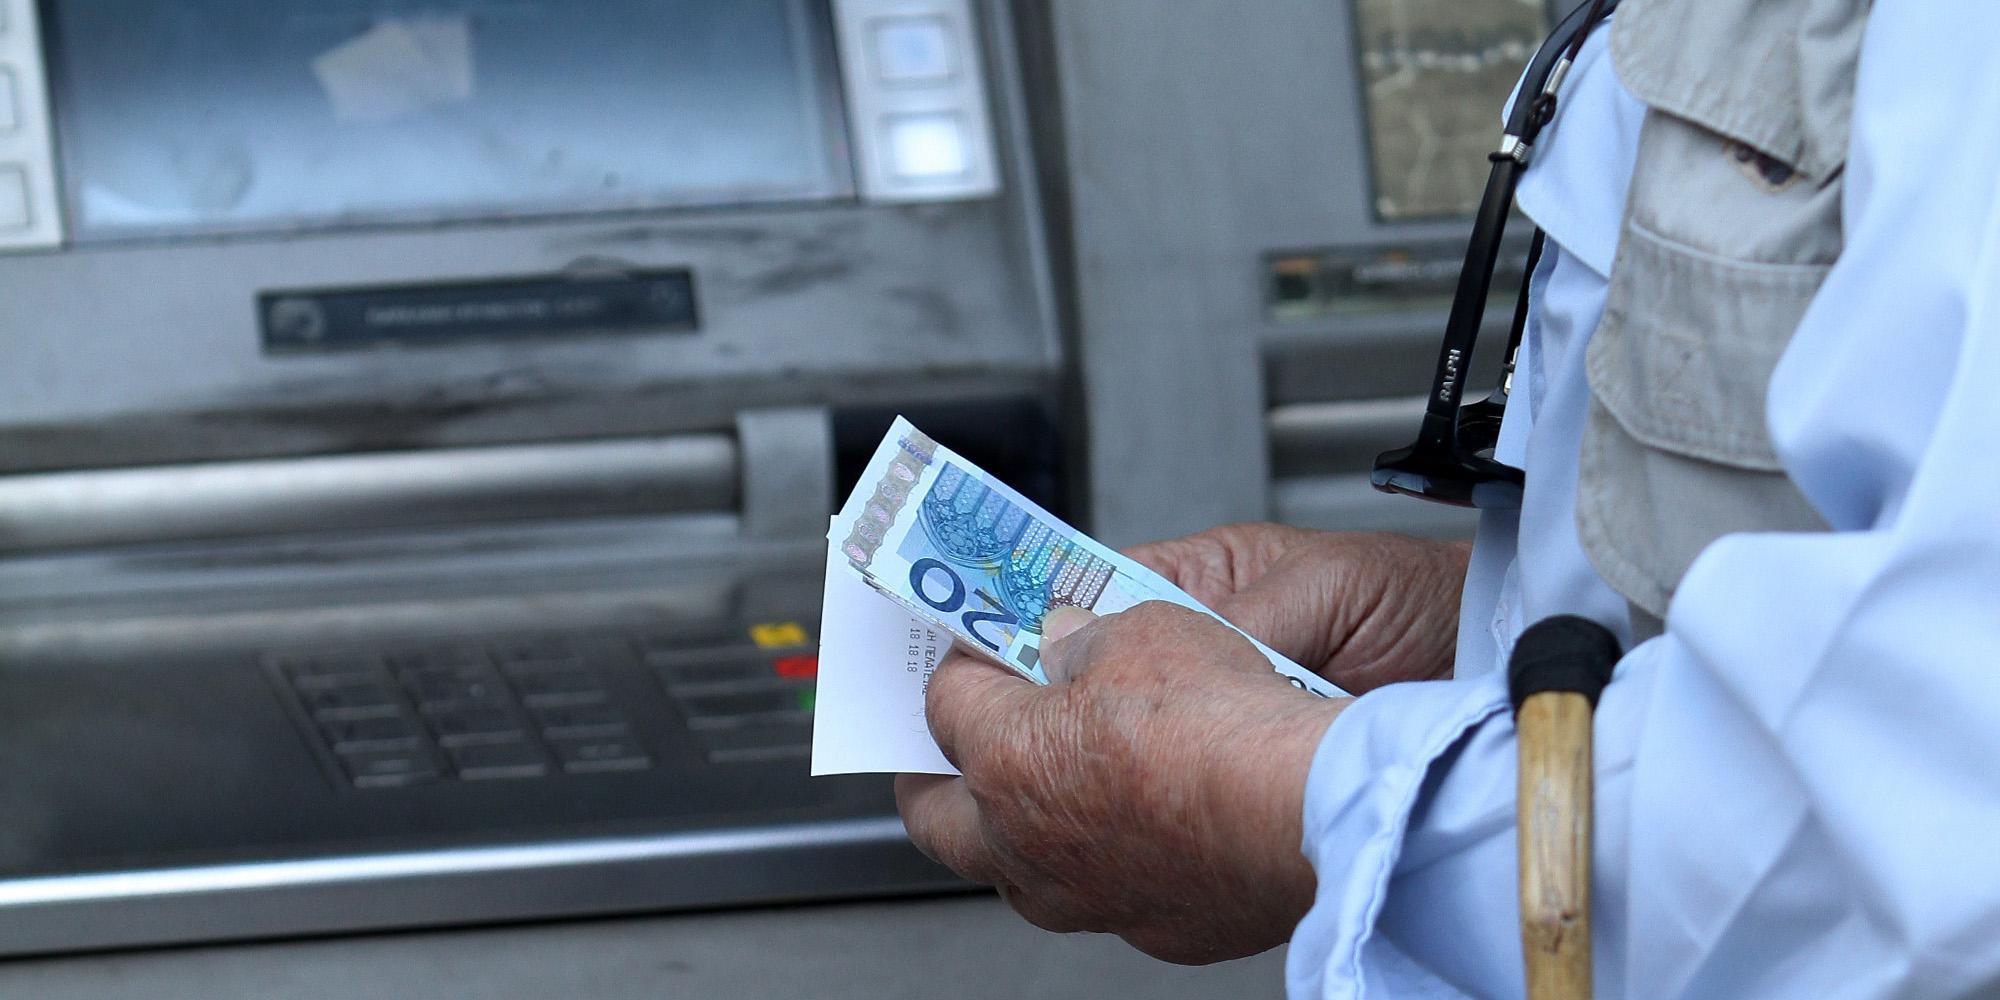 Συντάξεις: Μπαράζ πληρωμών εν όψει Πάσχα - Αναλυτικά οι ημερομηνίες